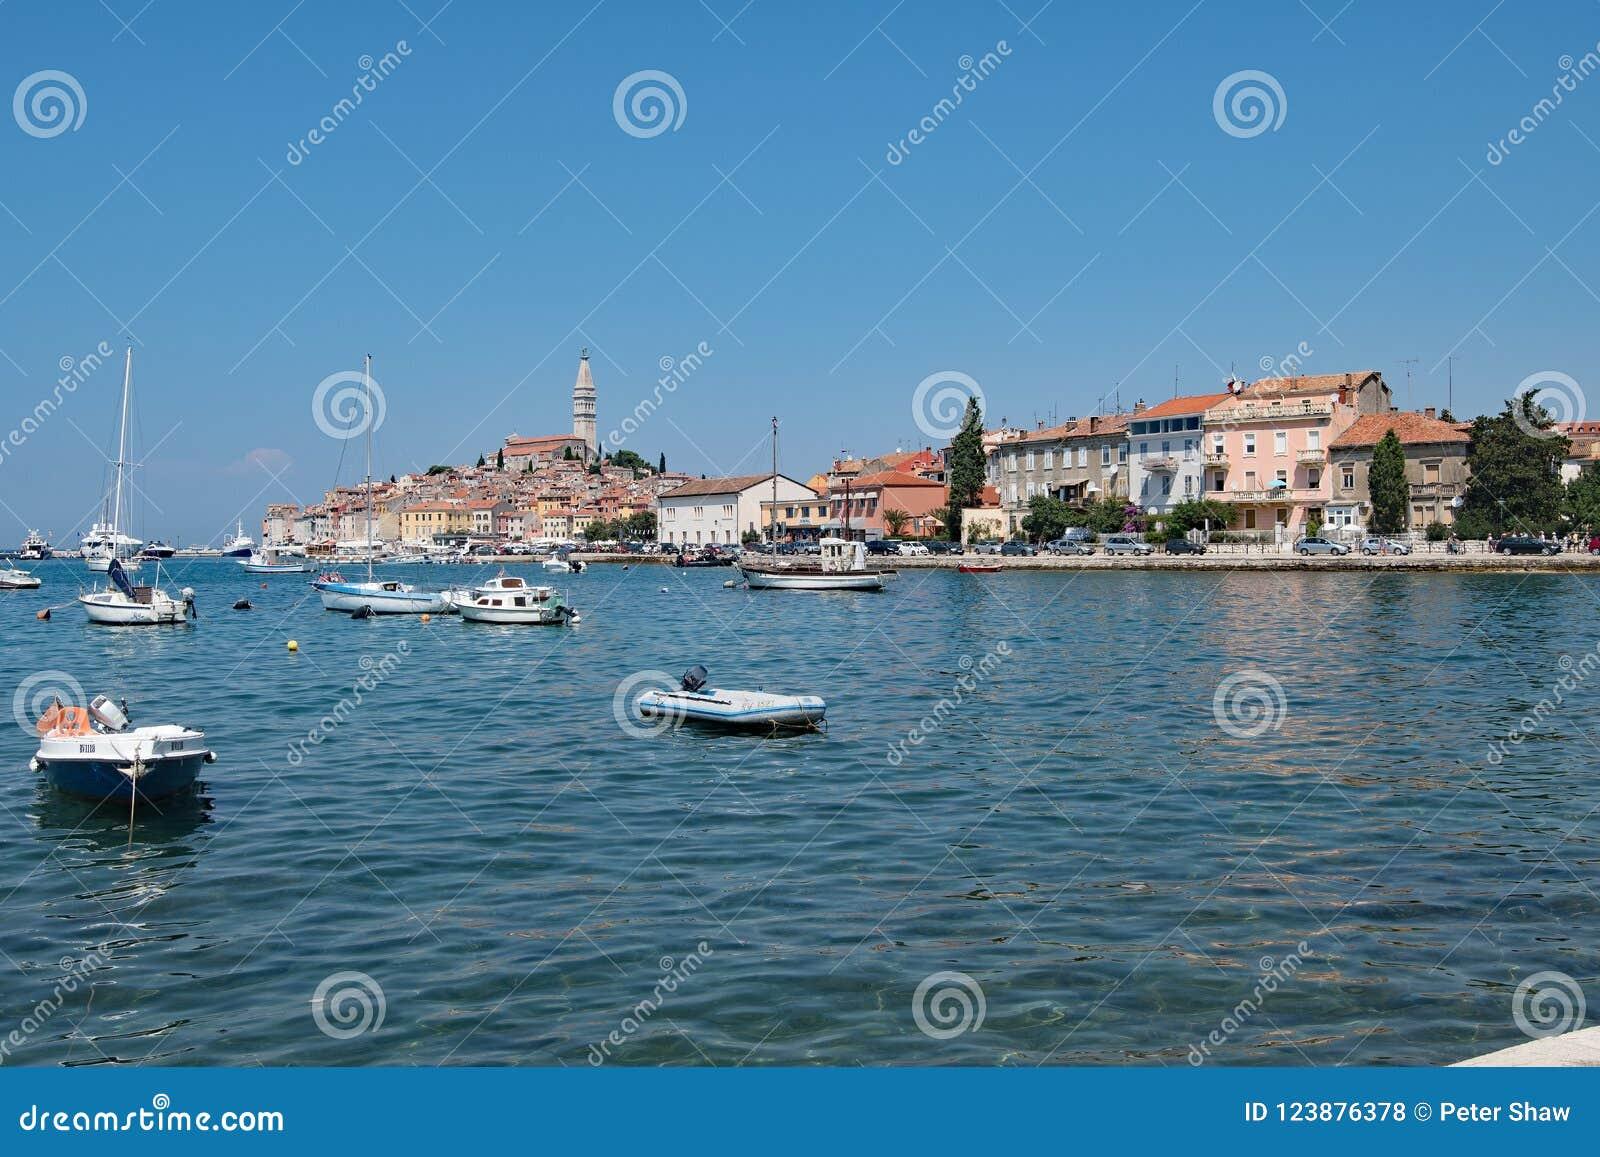 Céu azul que pensa no porto croata de Rovinj, um porto de pesca na costa oeste da Croácia